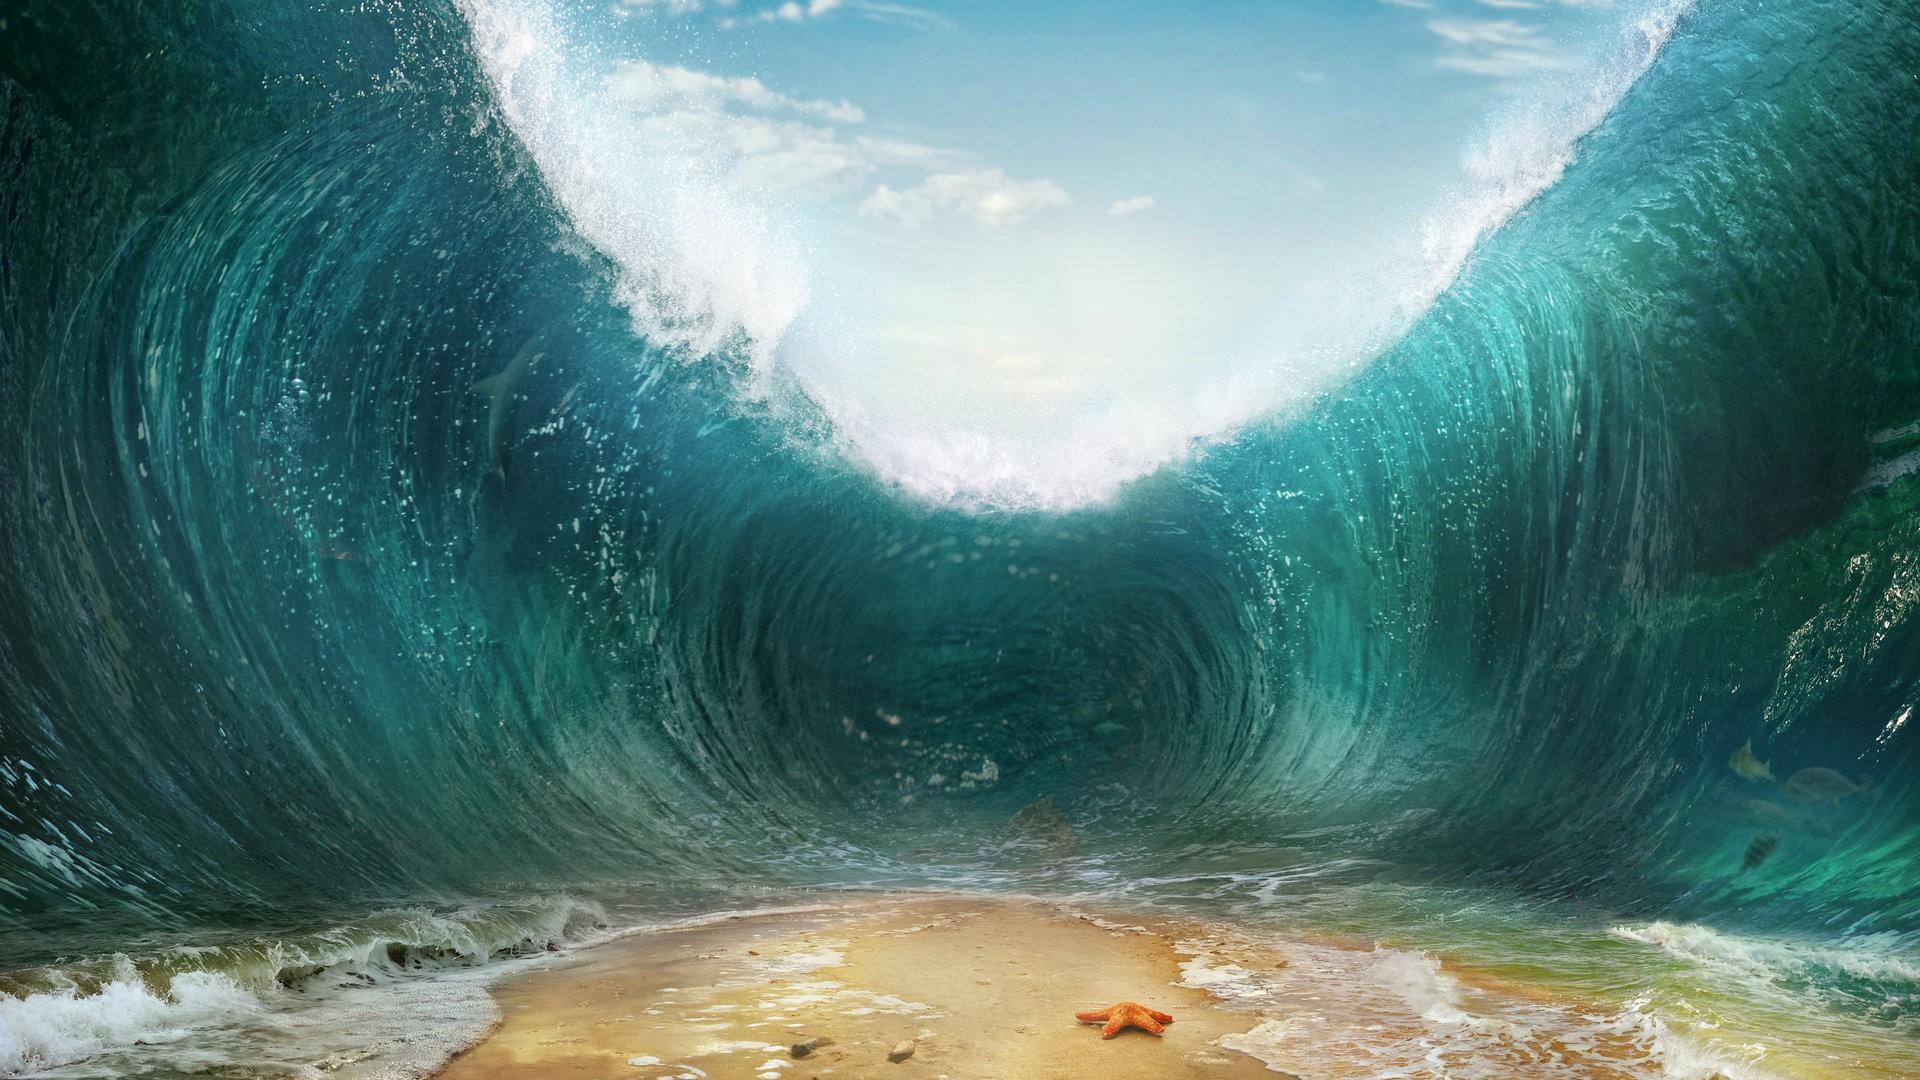 海浪创意设计PPT背景图片免费下载是由PPT宝藏(www.pptbz.com)会员zengmin上传推荐的简约PPT背景图片, 更新时间为2017-01-22,素材编号120825。 风浪、涌浪和近岸波的波高几厘米到20余米,最大可达30米以上。 风浪是海水受到风力的作用而产生的波动,可同时出现许多高低长短不同的波,波面较陡,波长较短,波峰附近常有浪花或片片泡沫,传播方向与风向一致。一般而言,状态相同的风作用于海面时间越长,海域范围越大,风浪就越强;当风浪达到充分成长状态时,便不再继续增大。风浪离开风吹的